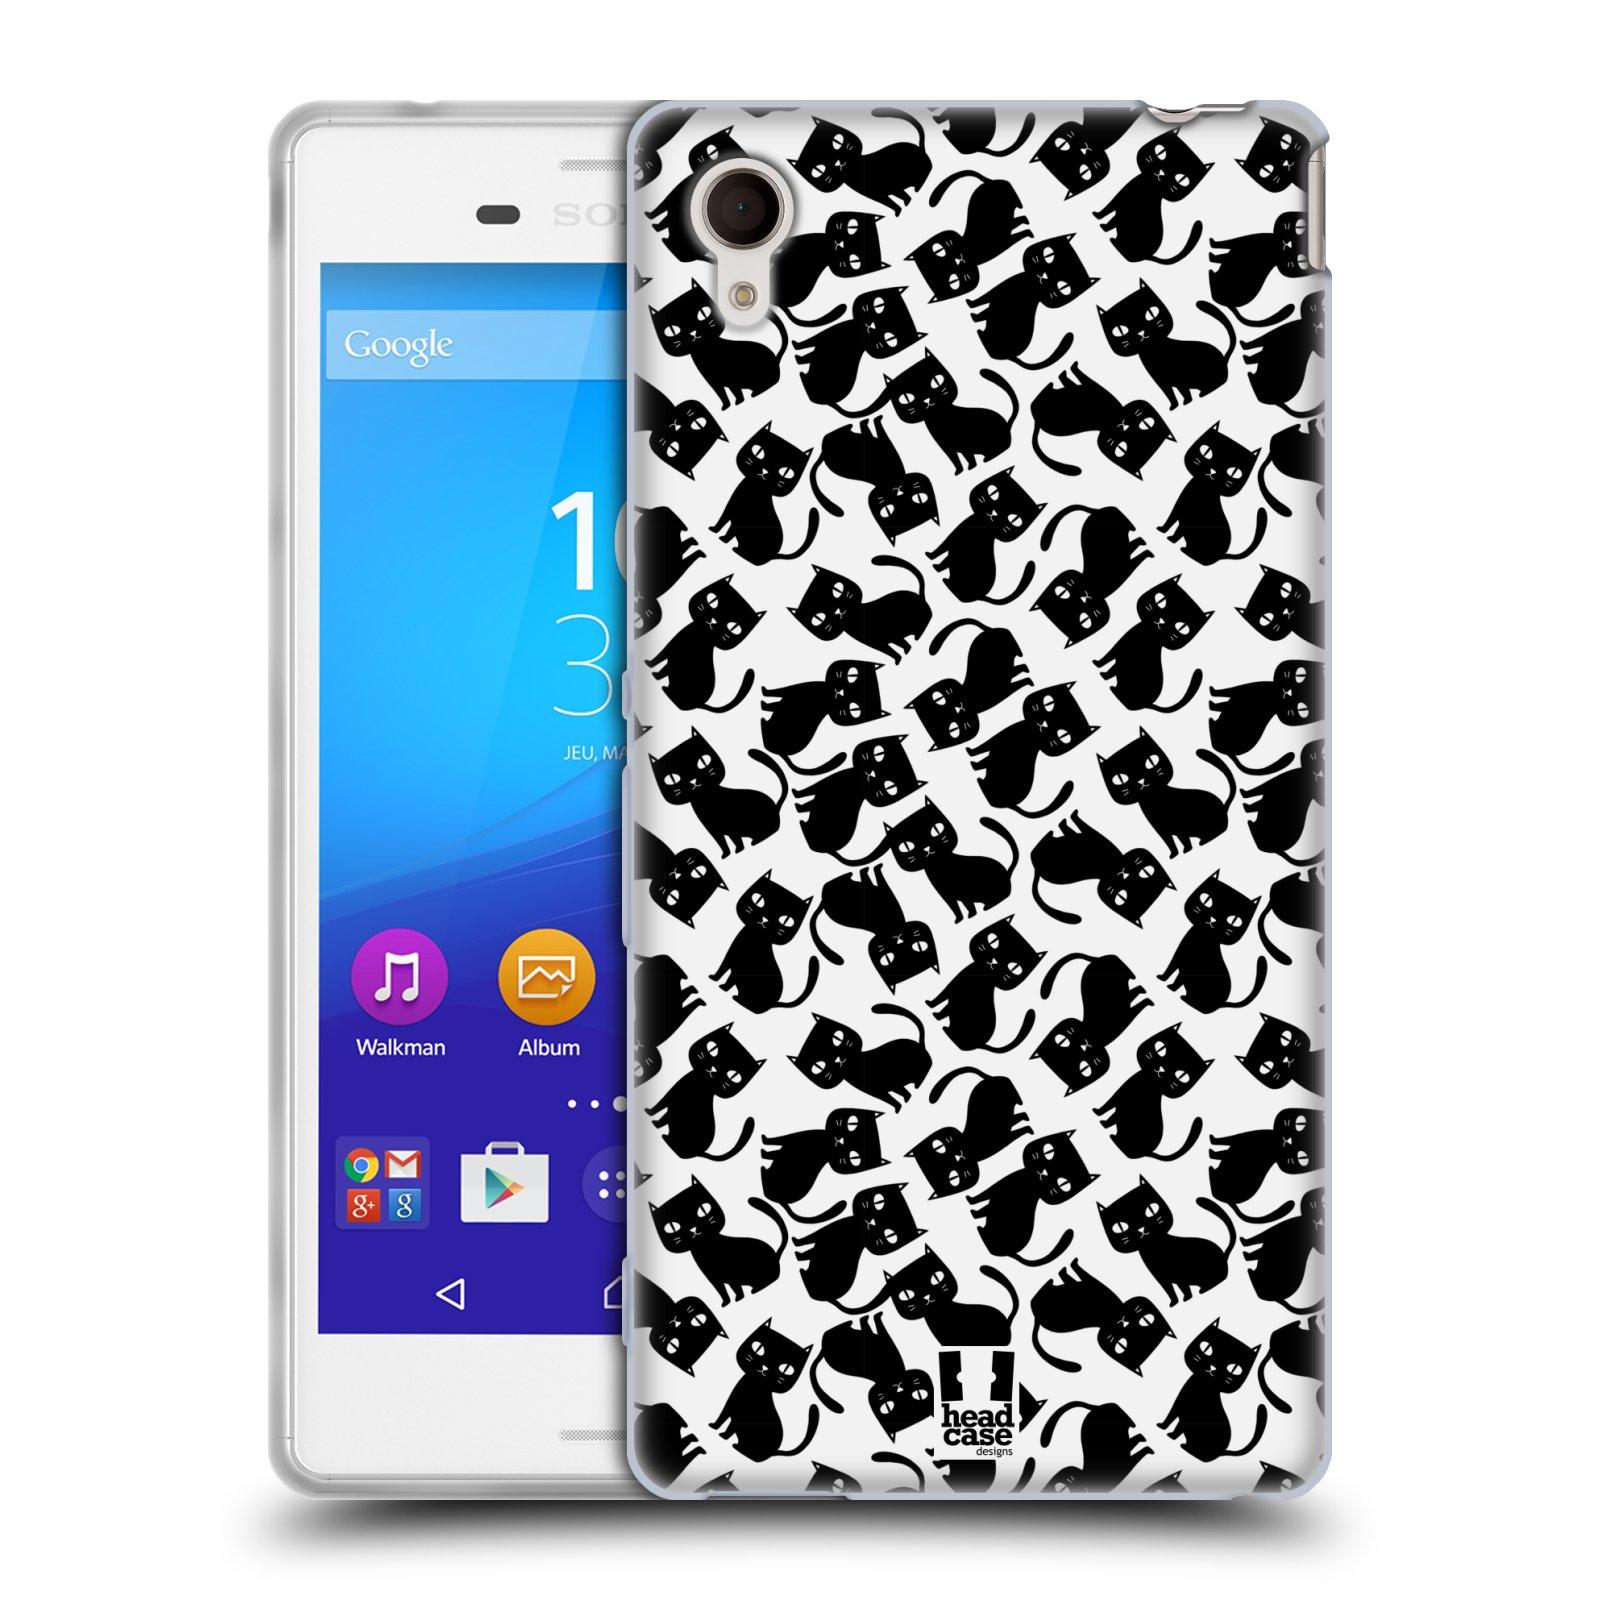 Silikonové pouzdro na mobil Sony Xperia M4 Aqua E2303 HEAD CASE KOČKY Black Pattern (Silikonový kryt či obal na mobilní telefon Sony Xperia M4 Aqua a M4 Aqua Dual SIM)